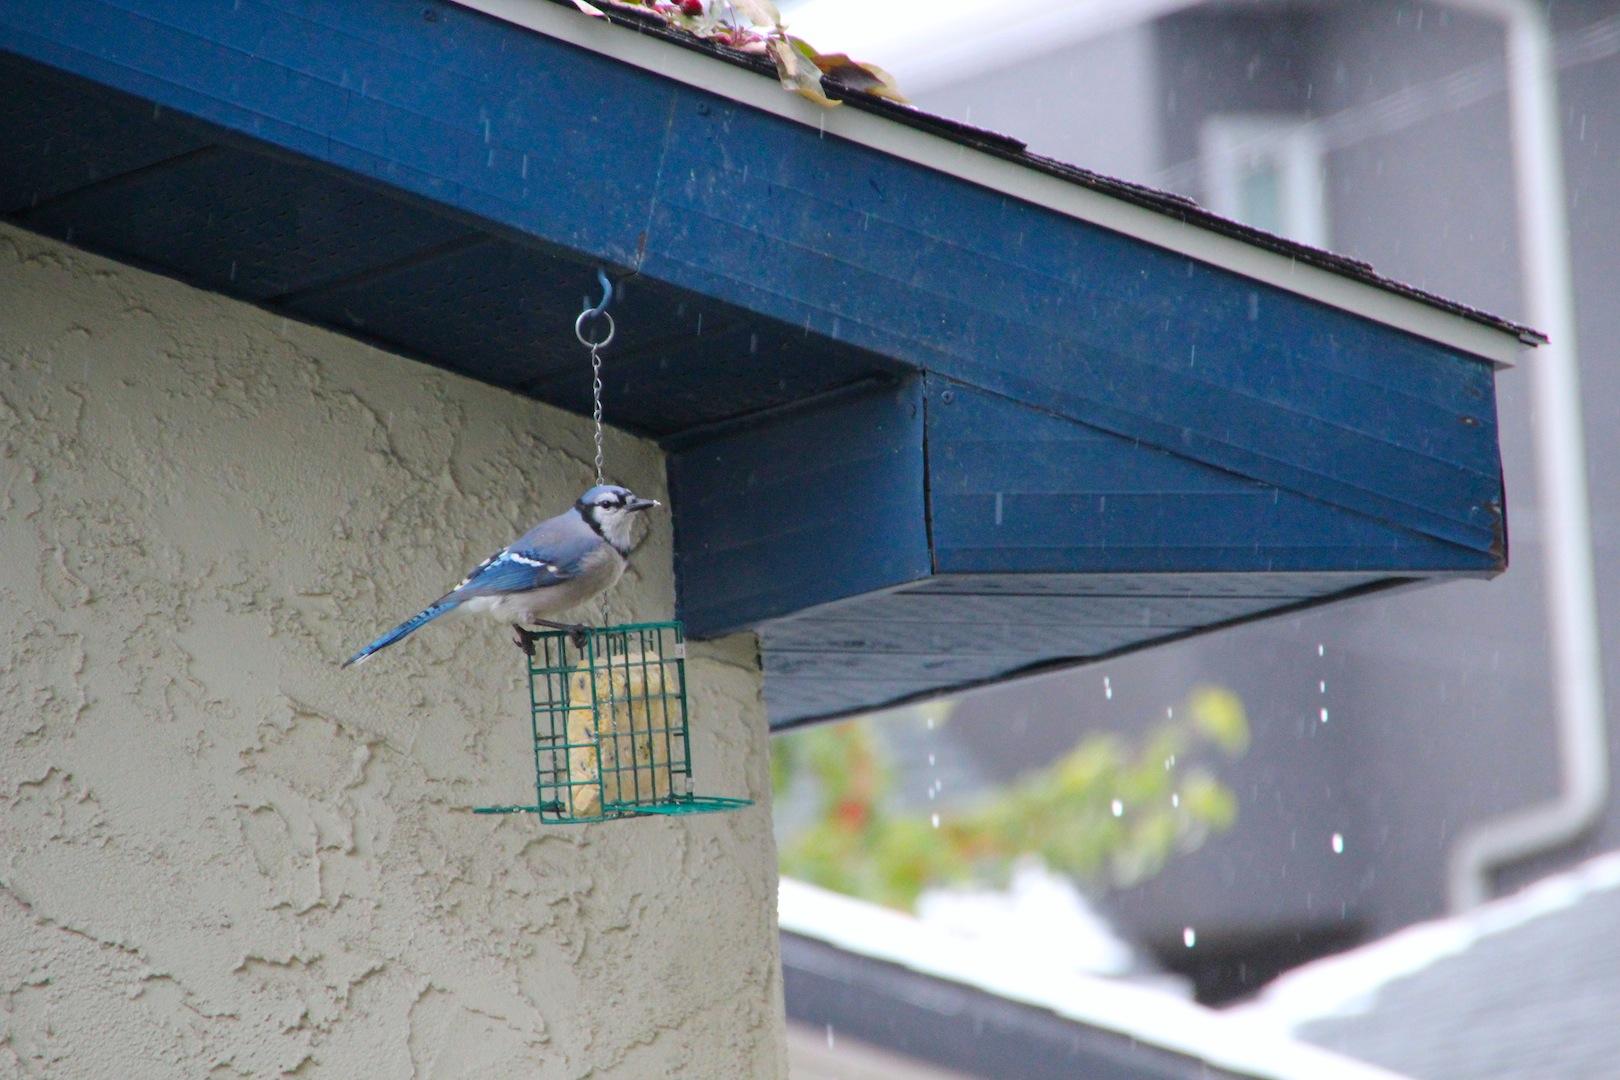 001 - Blue Jay